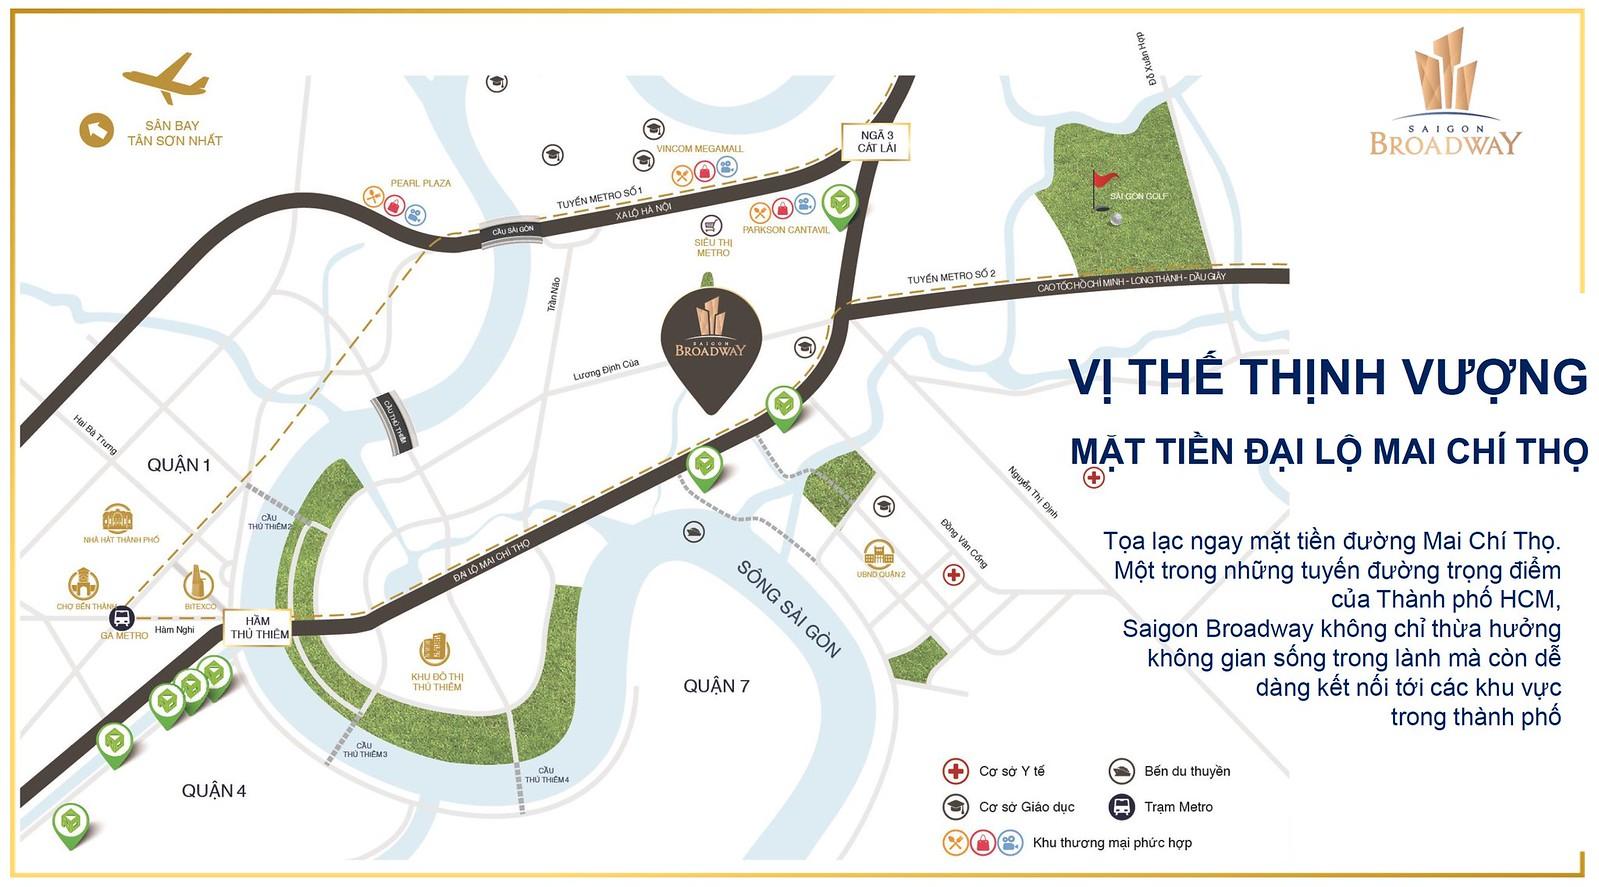 vị trí chiến lược cho Saigon Broadway